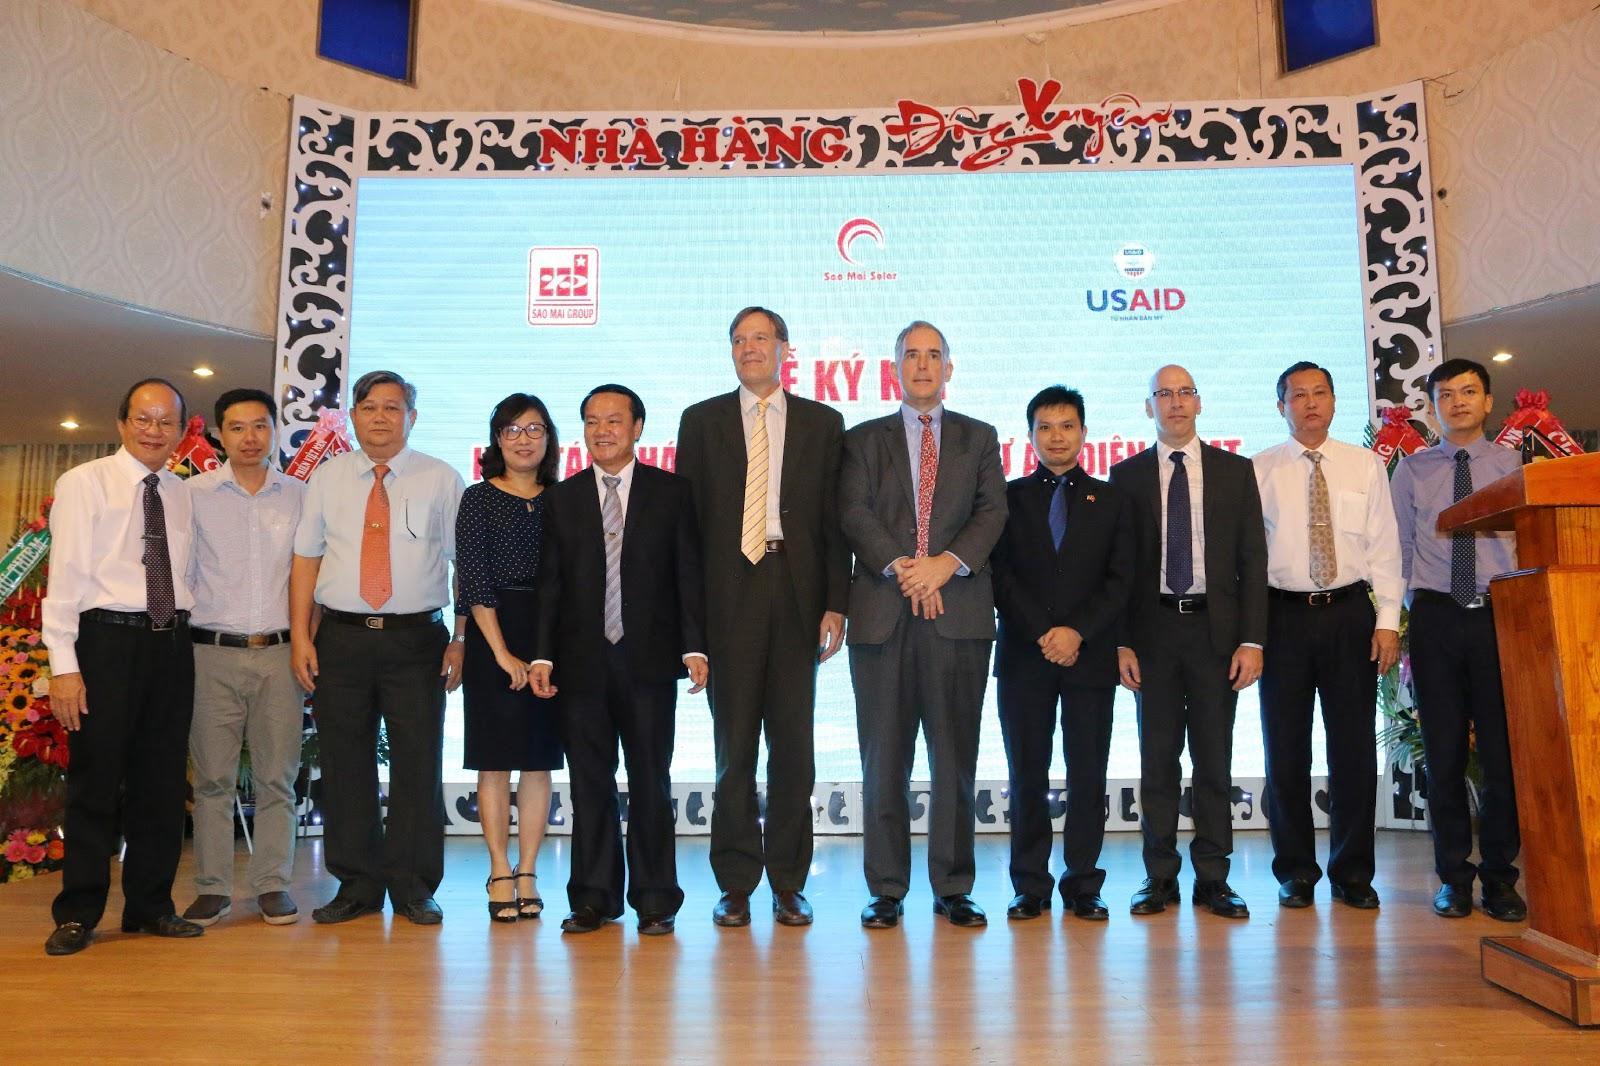 2. Ảnh lưu niệm giữa lãnh đạo Tập đoàn Sao Mai và lãnh đạo USAID V - LEEP.JPG